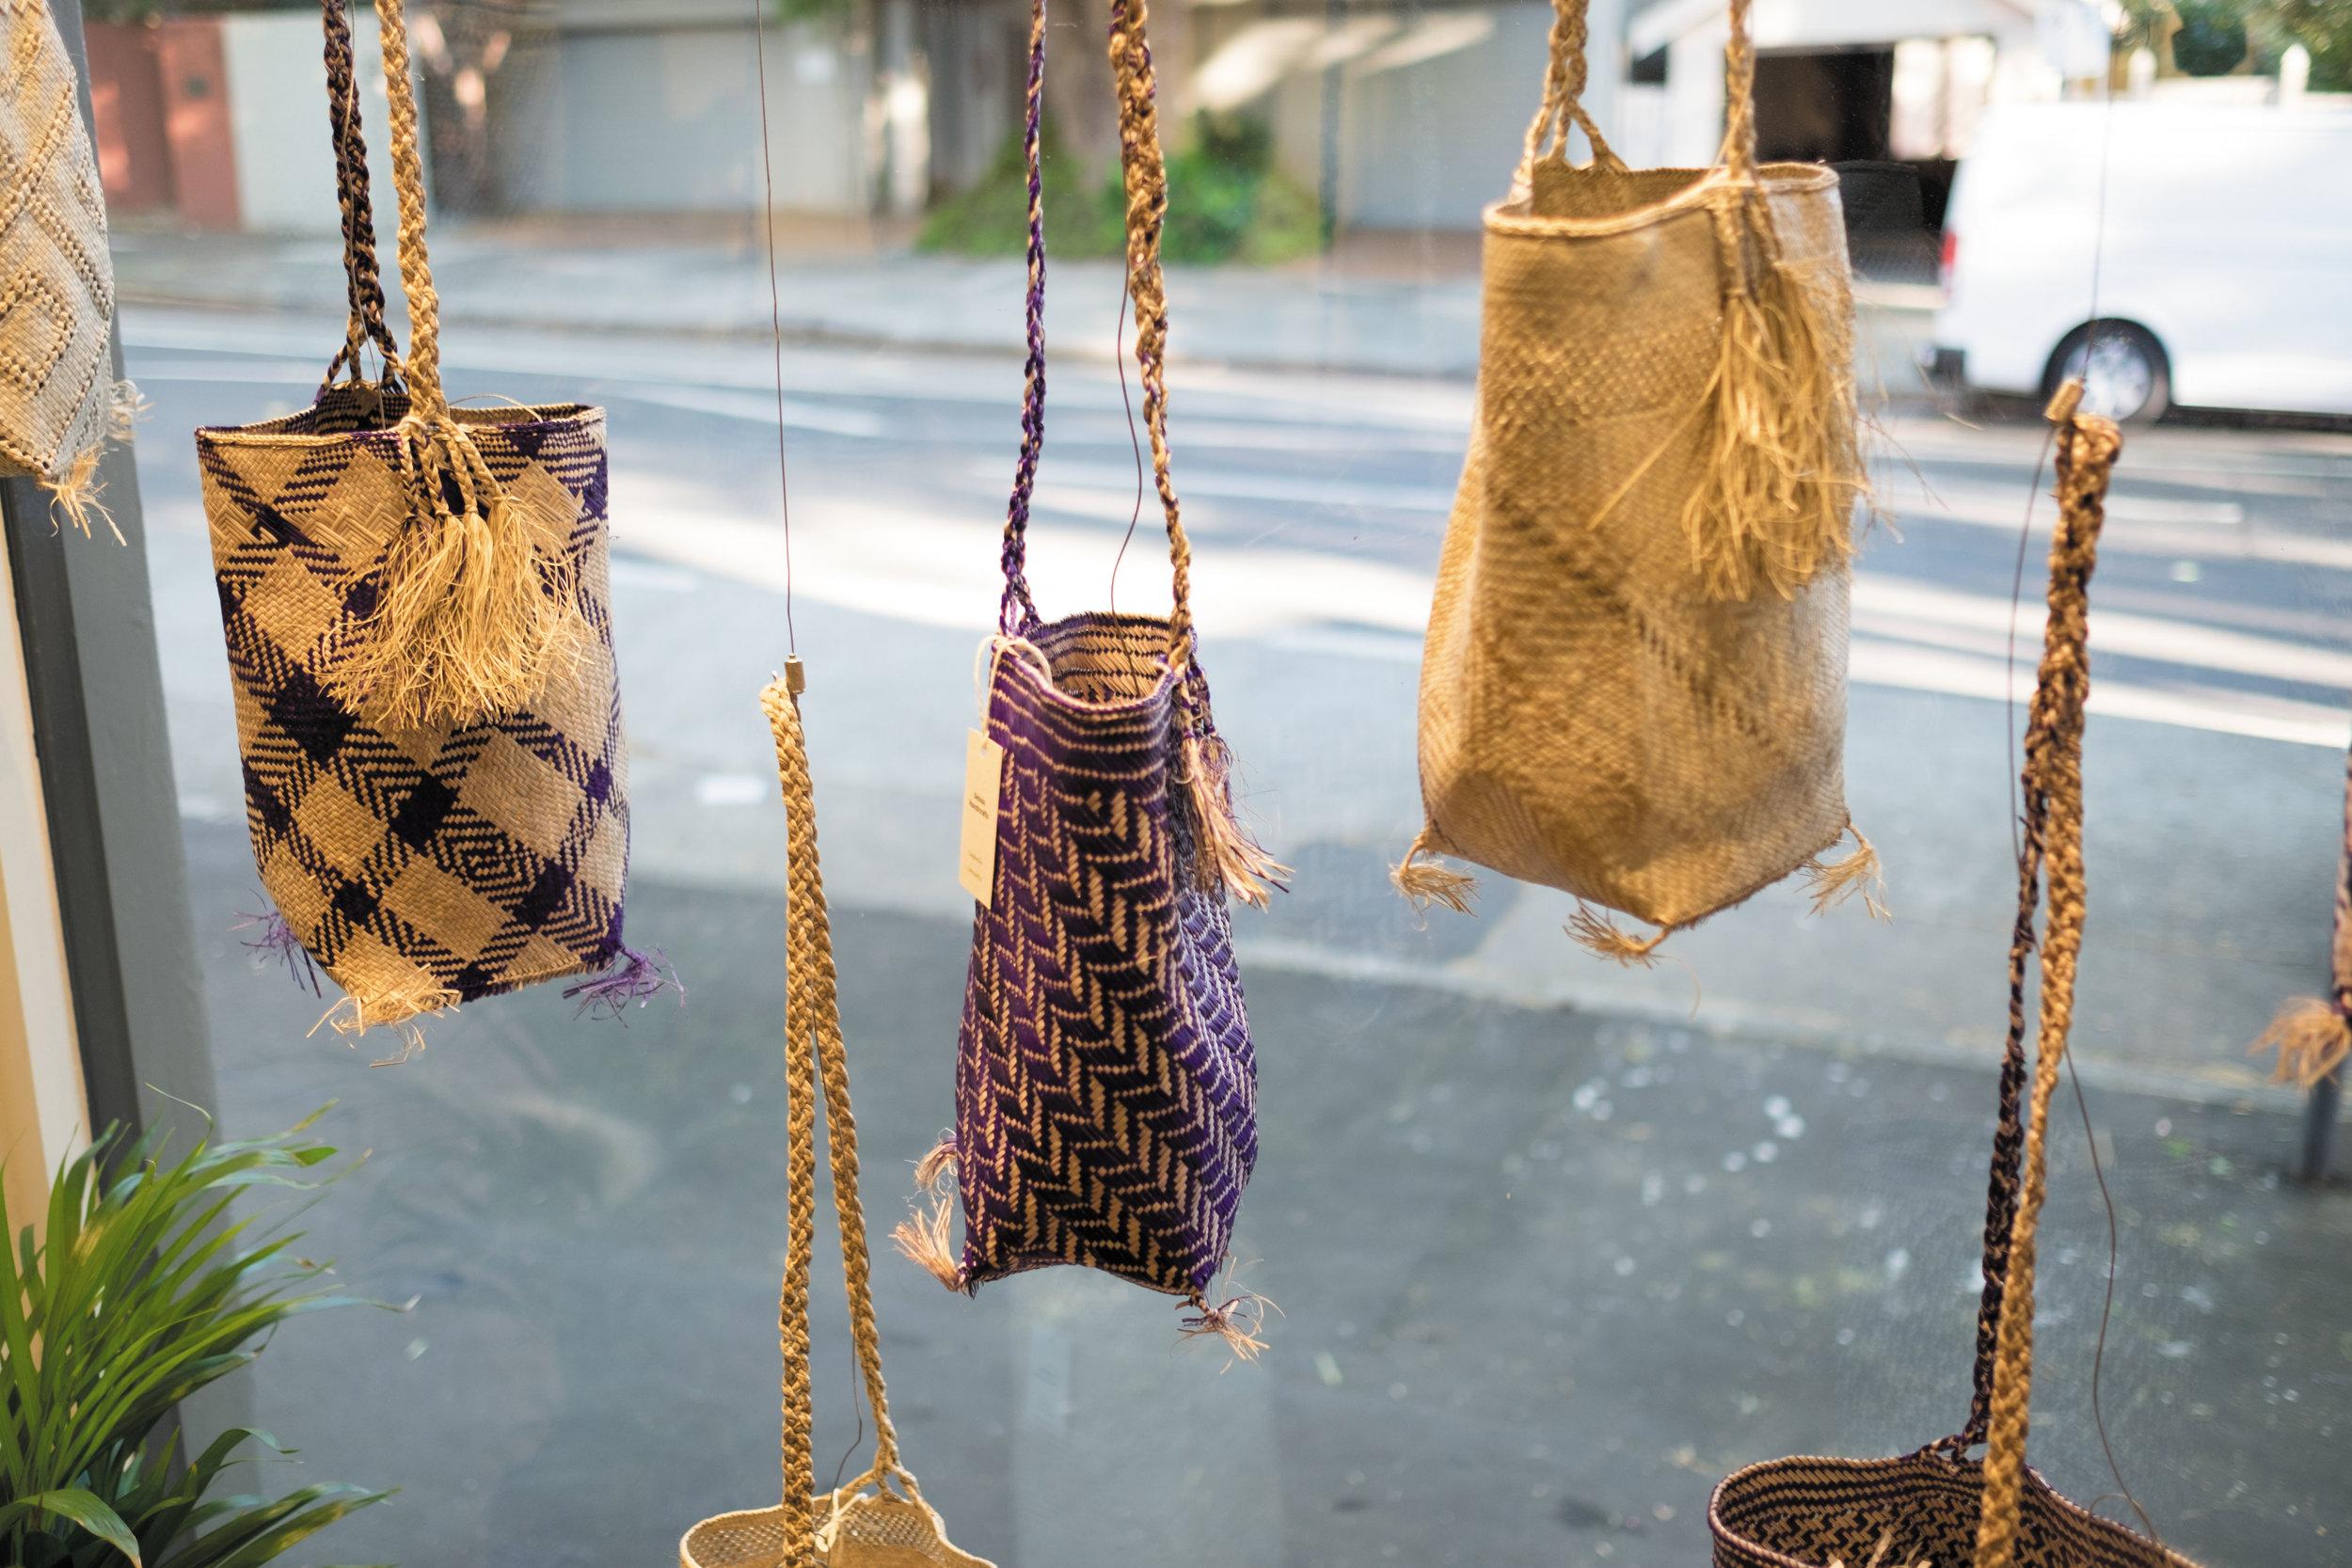 bags in window daylight from inside close.jpg